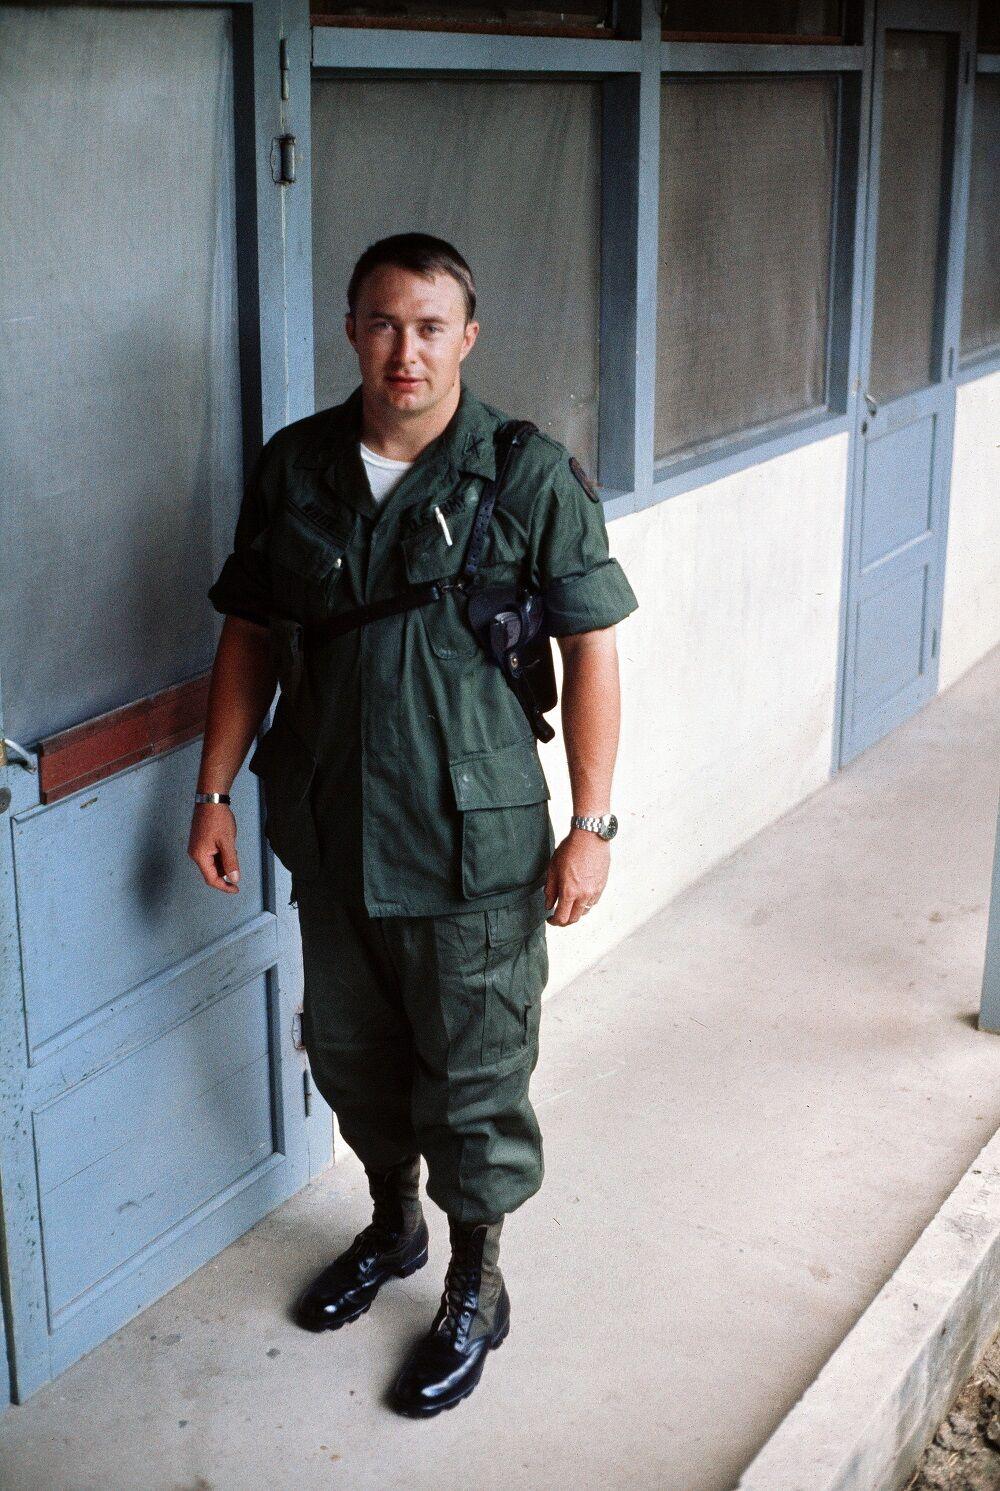 Vietnam veteran John White 2 Soldier.jpg